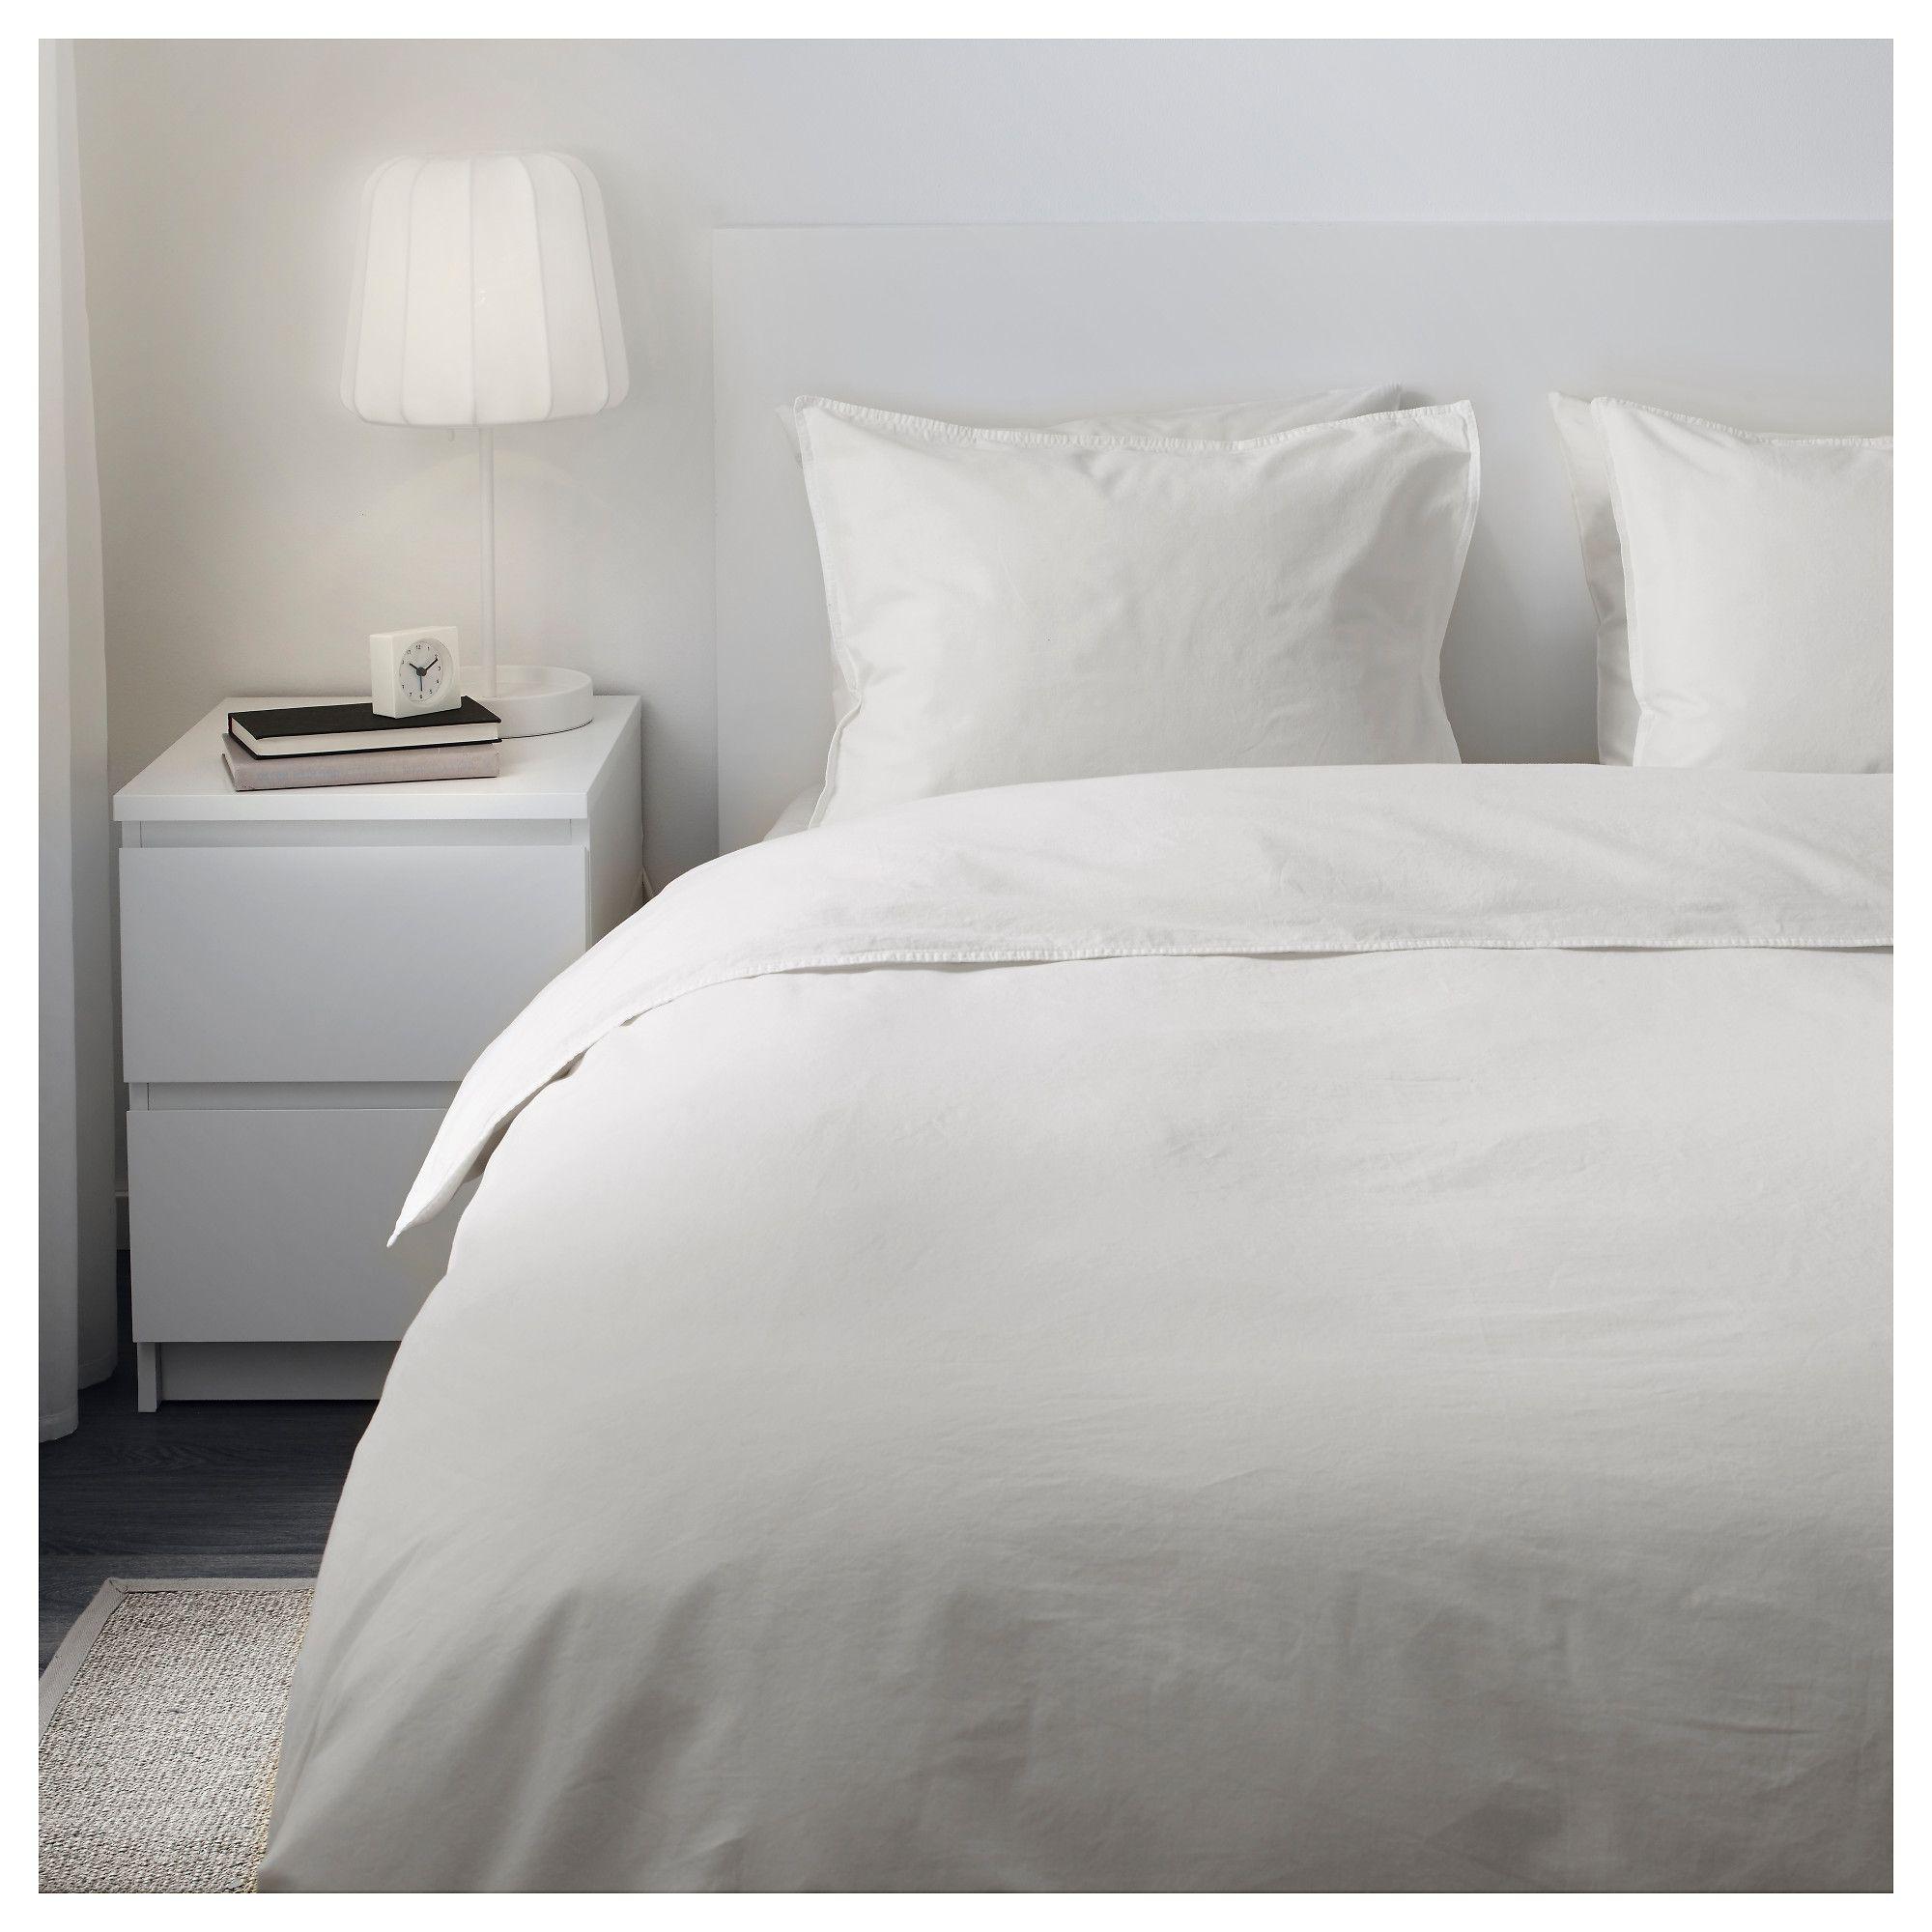 Angslilja Duvet Cover And Pillowcase S White Full Queen Double